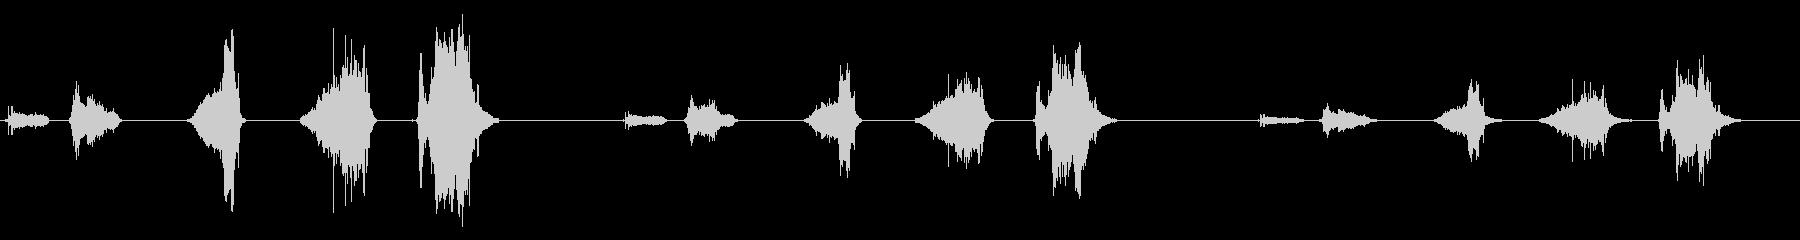 ローププル-3バージョンX 3スペ...の未再生の波形